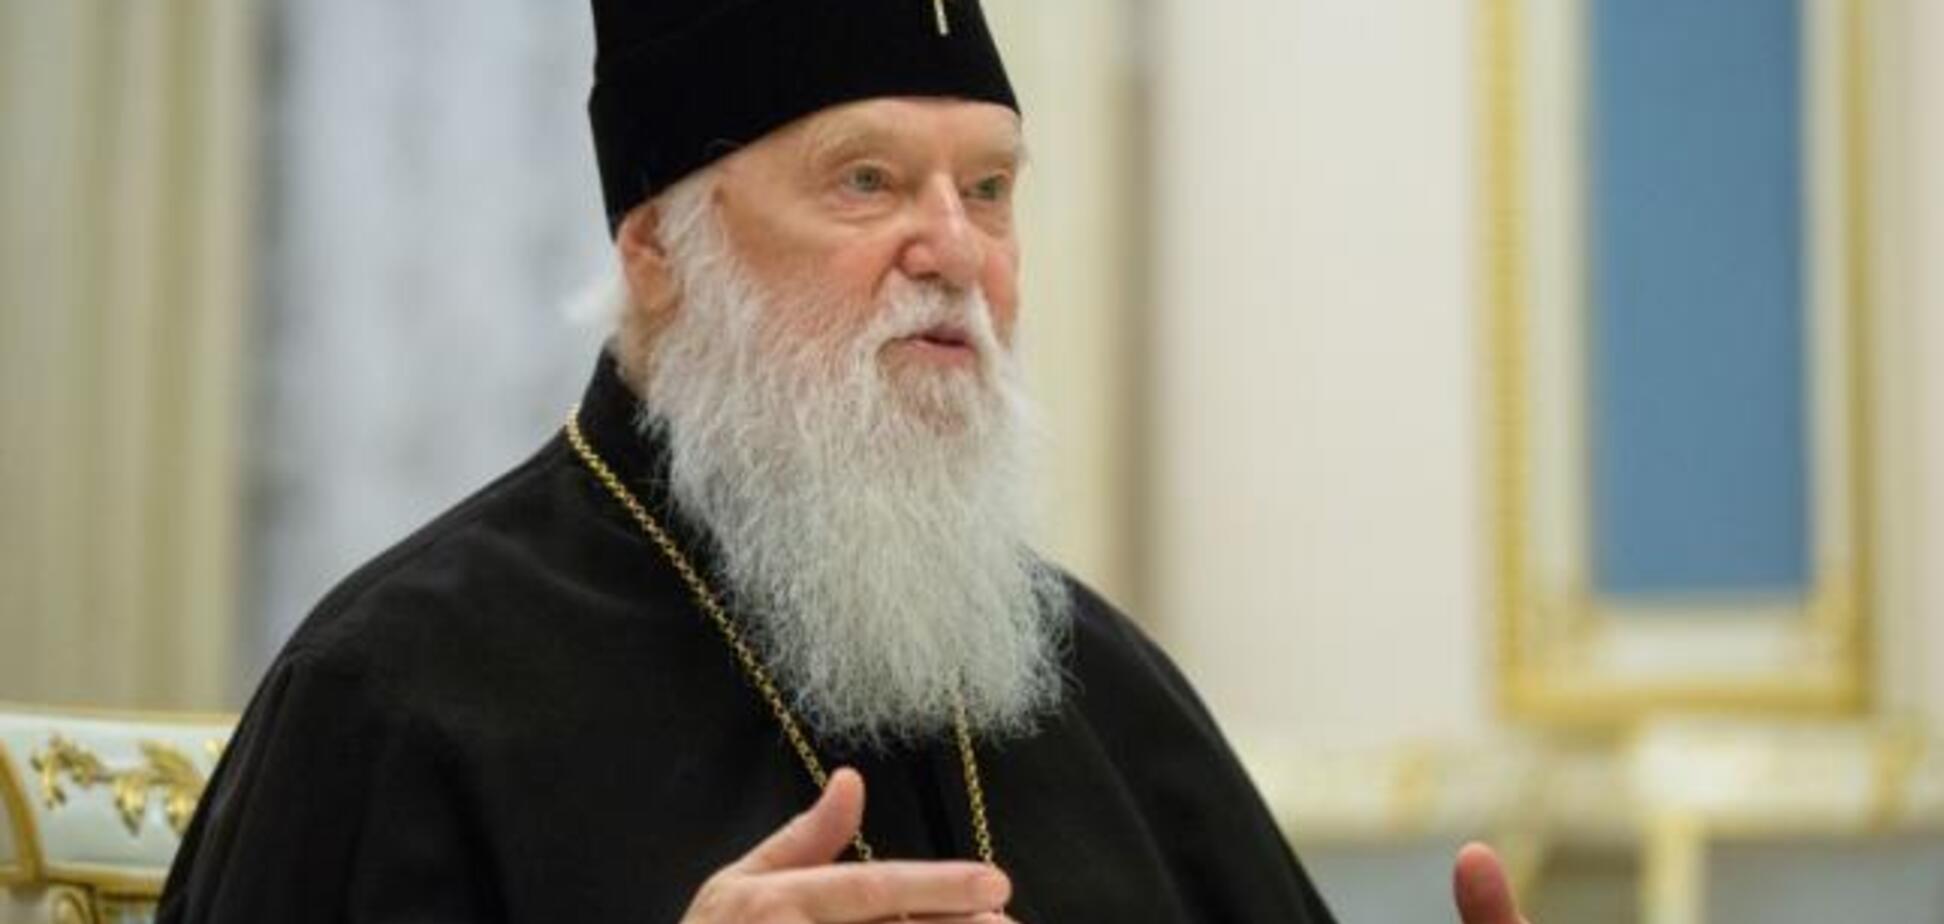 Не патріарх: Філарет пояснив, хто очолить єдину УПЦ після Томосу